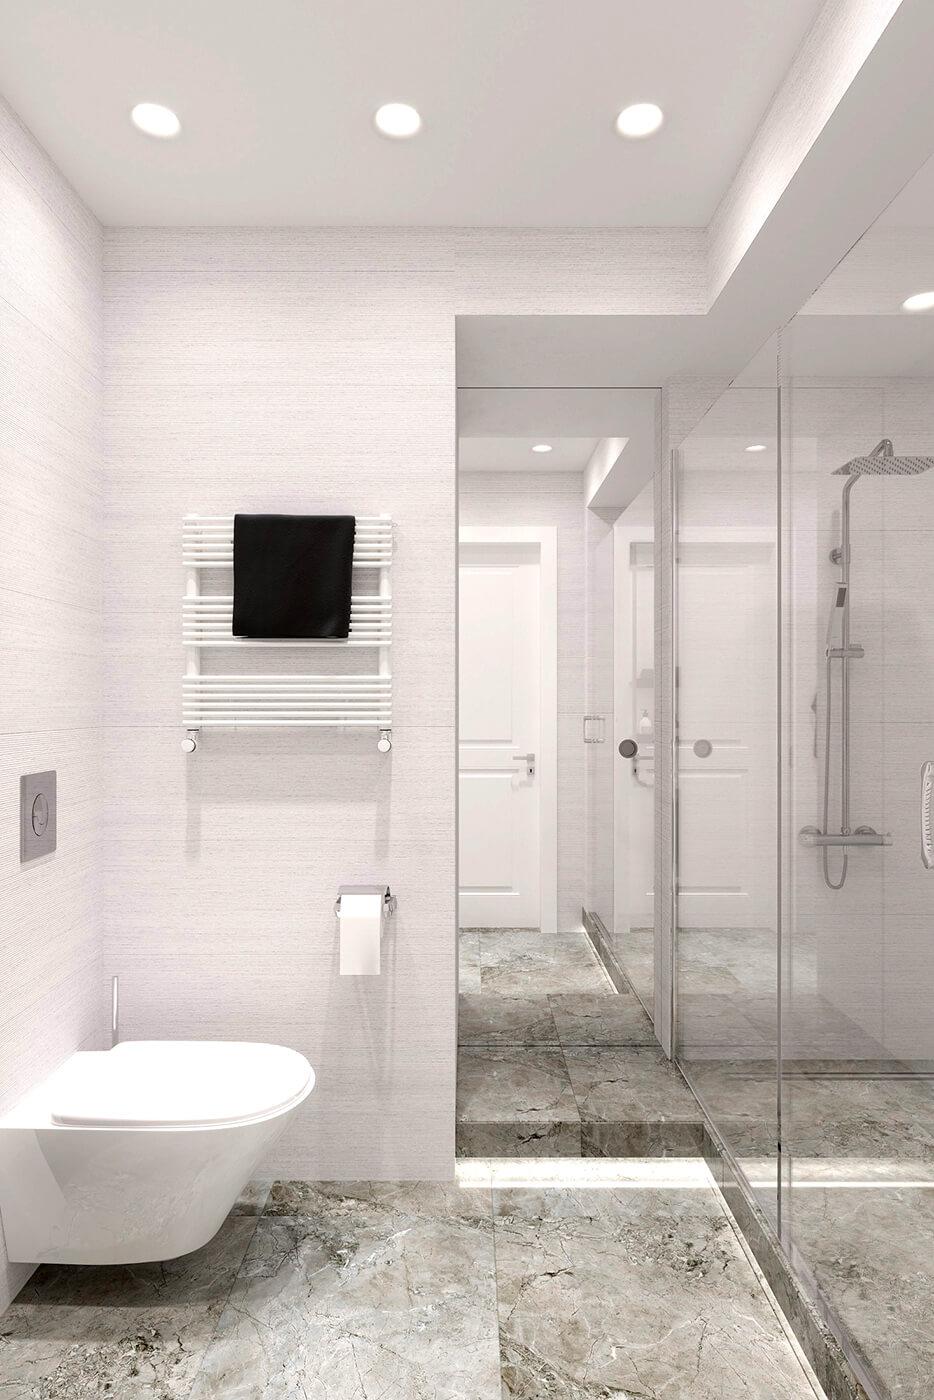 Гостевой туалет квартира ЖК Триуфм Астана. Дизайн интерьера